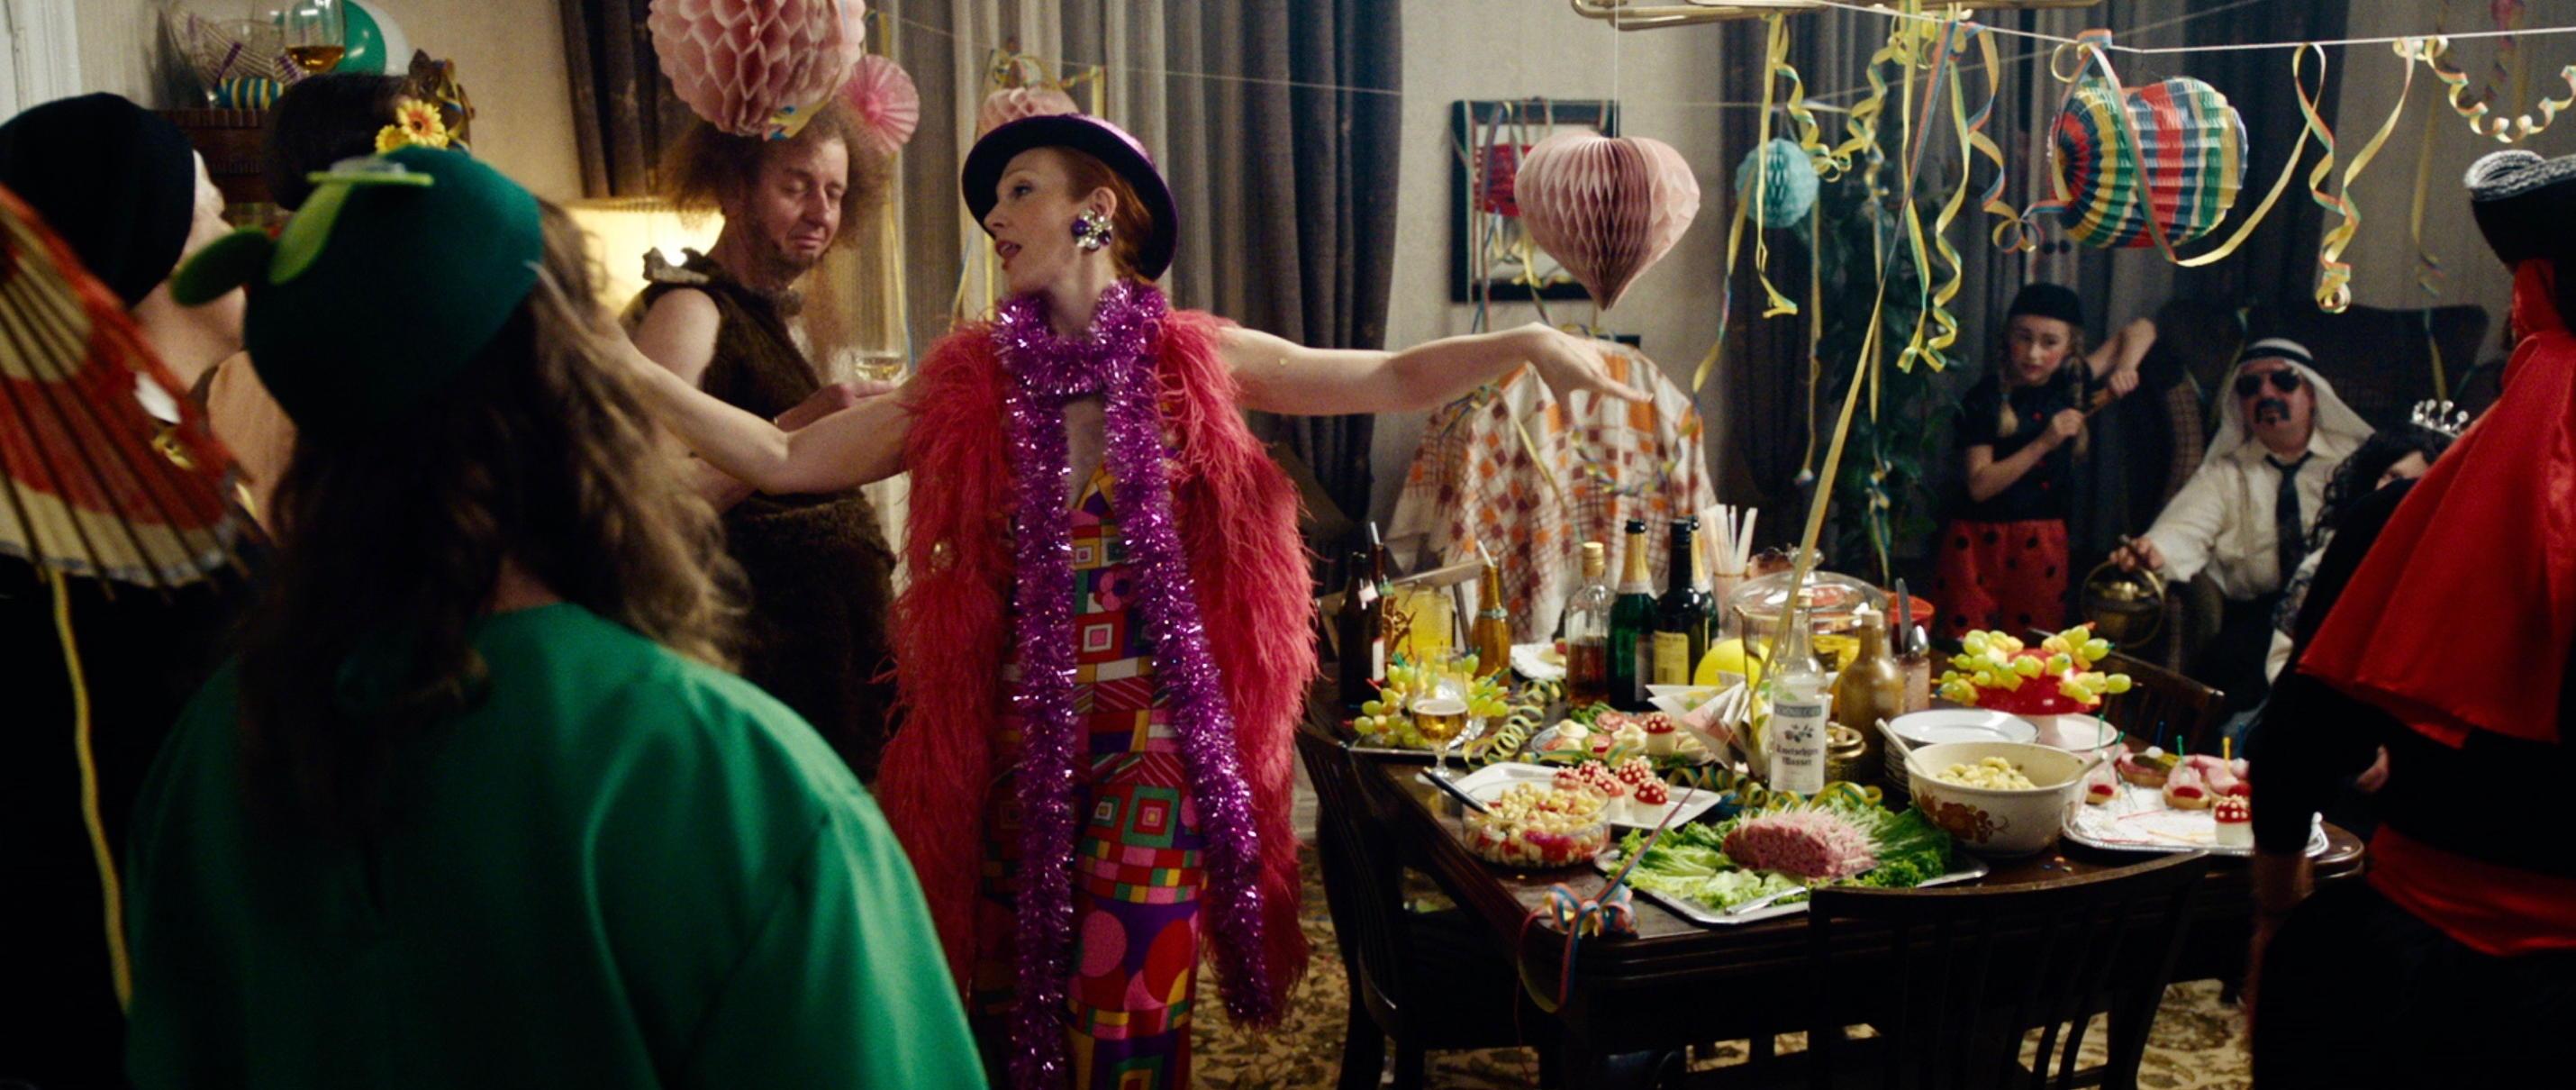 Der Junge muss an die frische Luft - all about me - Karneval - Regie Caroline Link - Kamera Judith Kaufmann